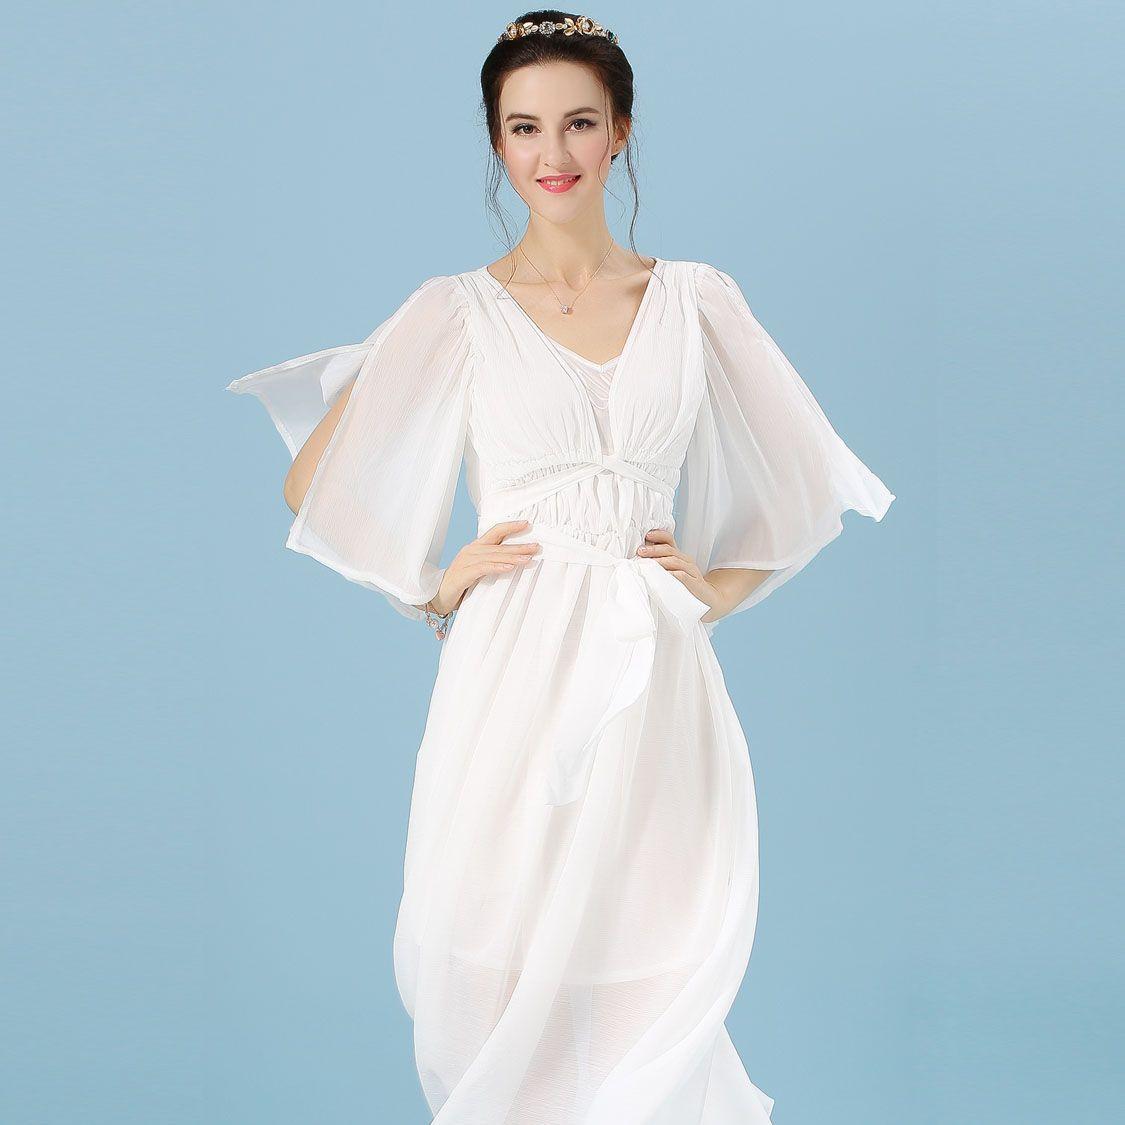 long dress greek style - Google Search   saty   Pinterest   Roman ...